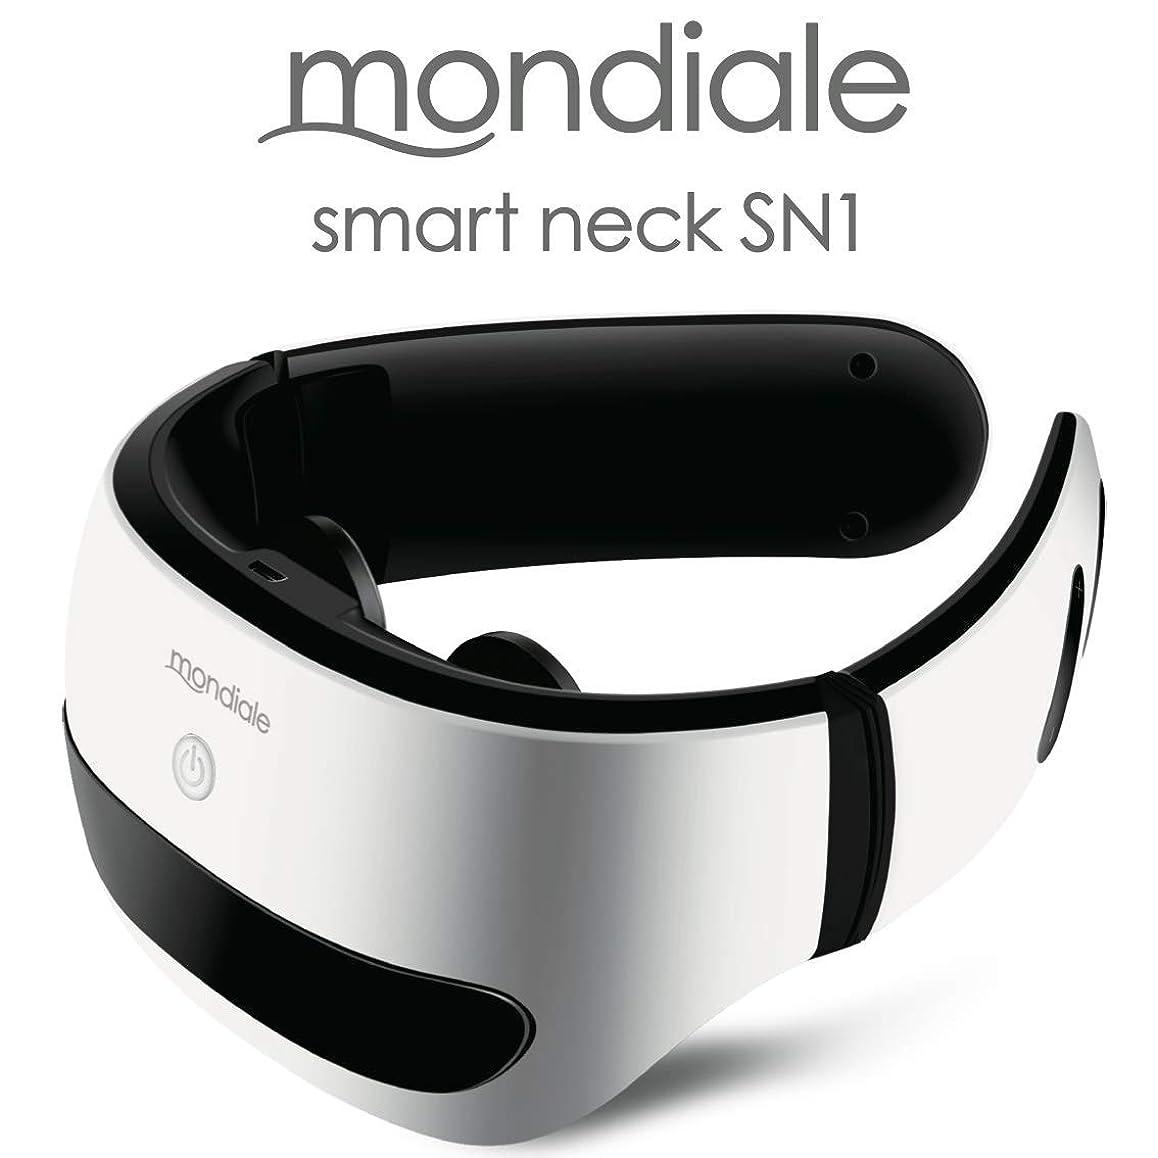 砂漠換気する長老モンデール スマートネック SN1 mondiale smart neck SN1